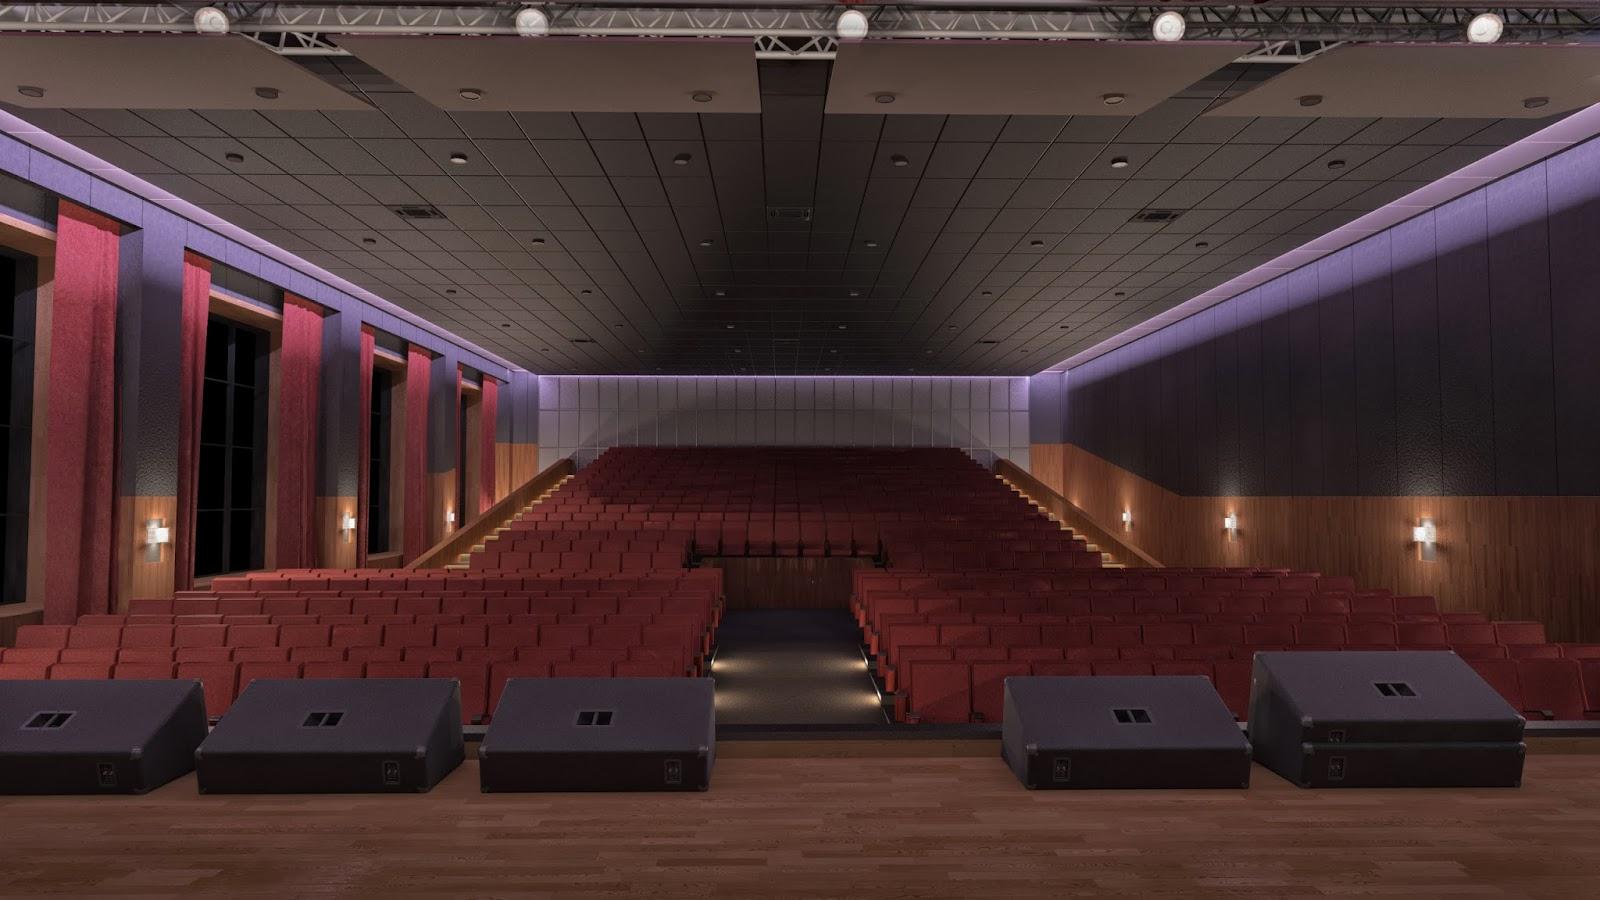 Nuevo auditorio interior estado de brest universidad - Cuanto cobra un disenador de interiores ...